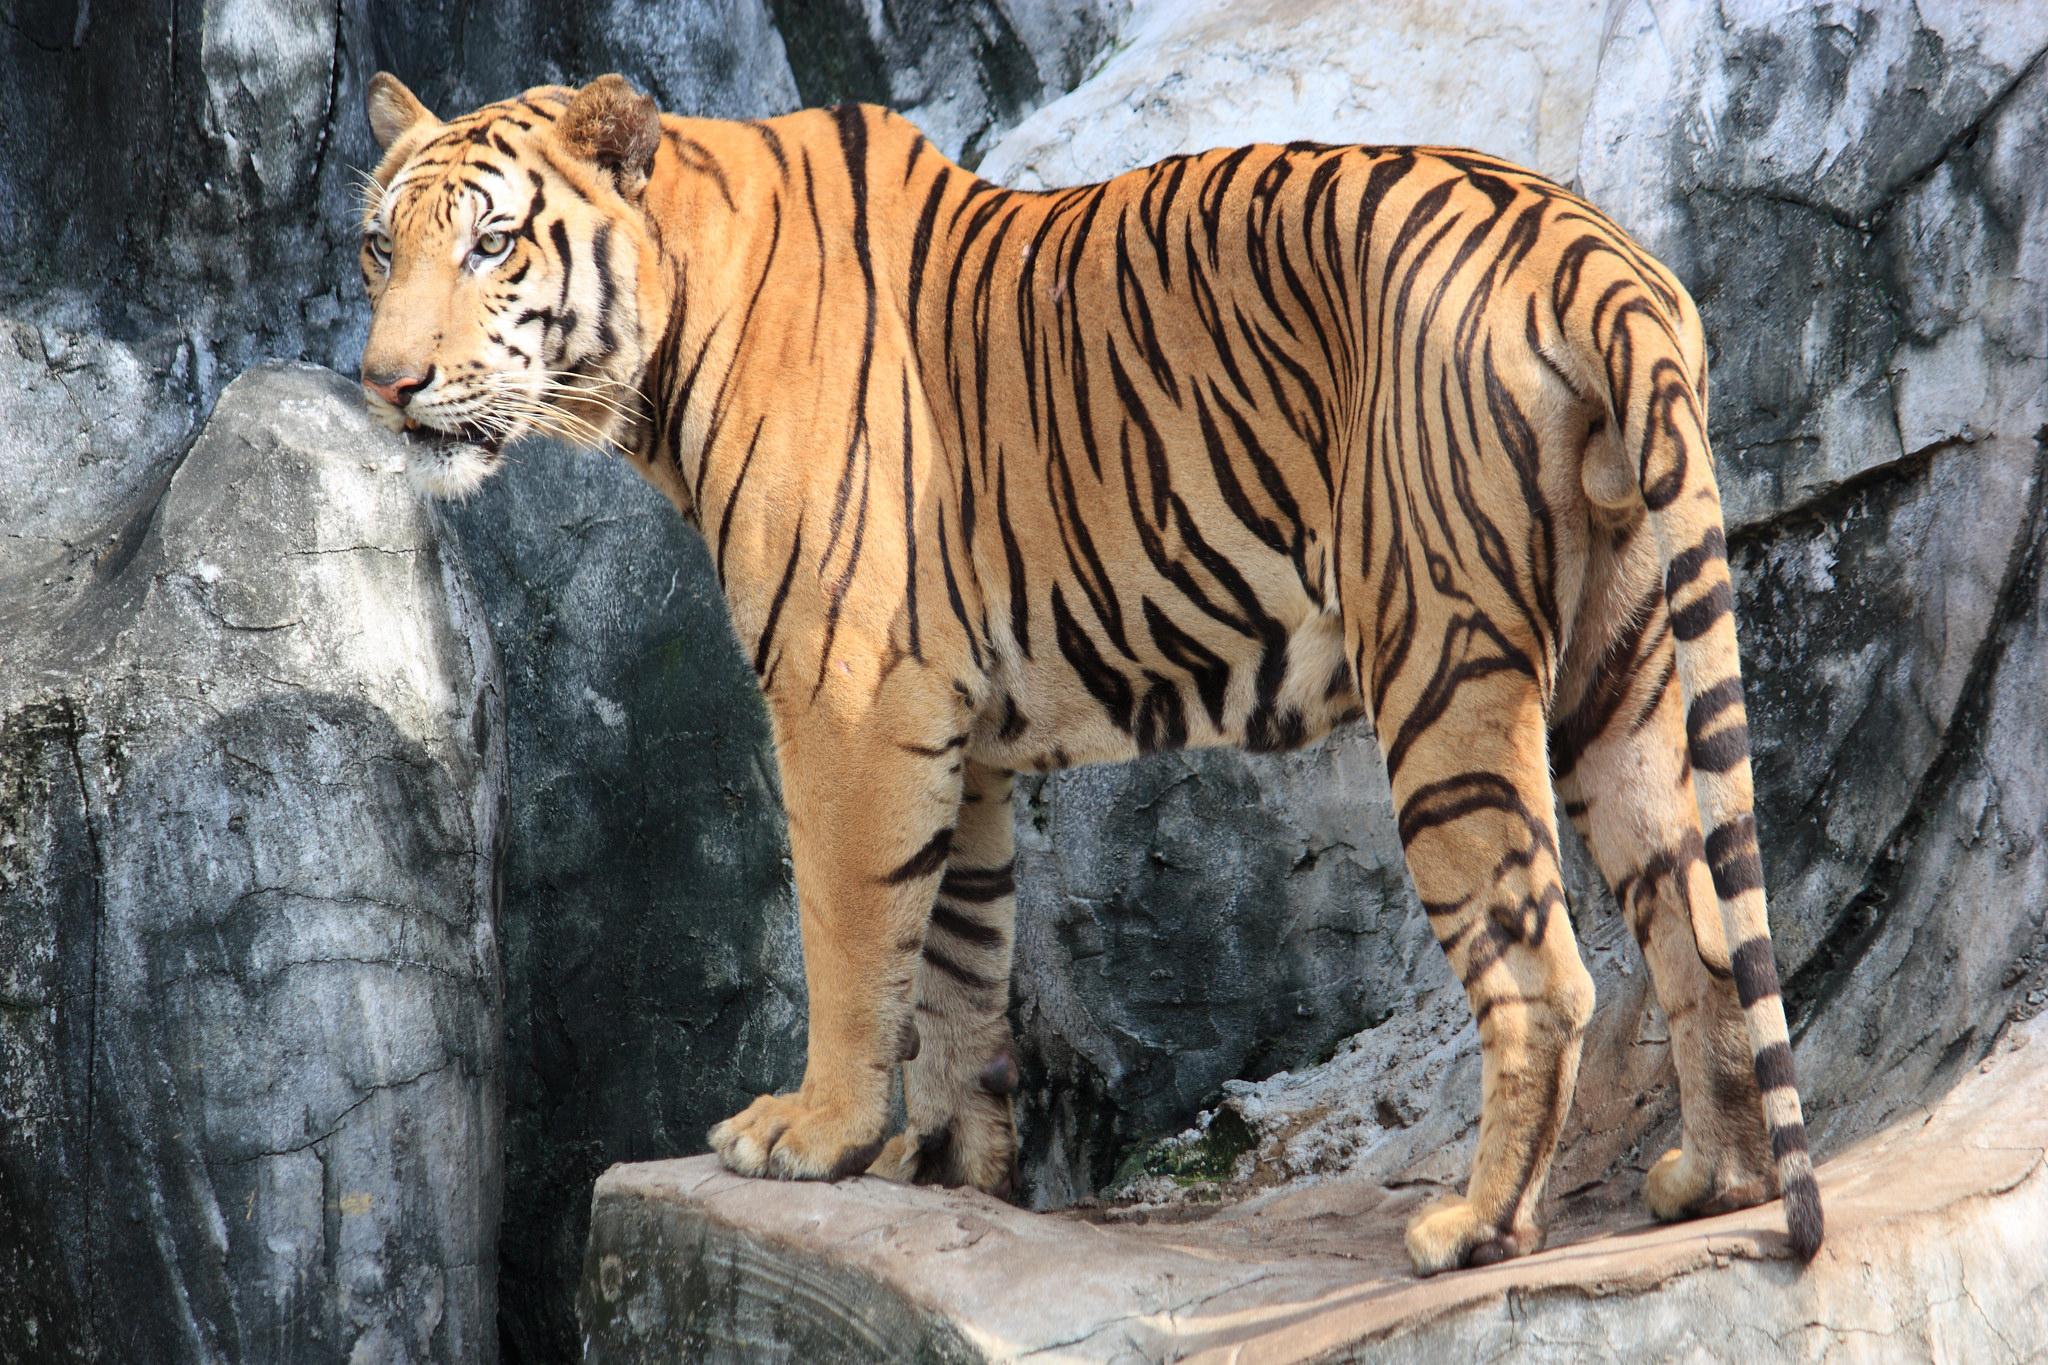 Один из жителей Тигрового зоопарка Сирача